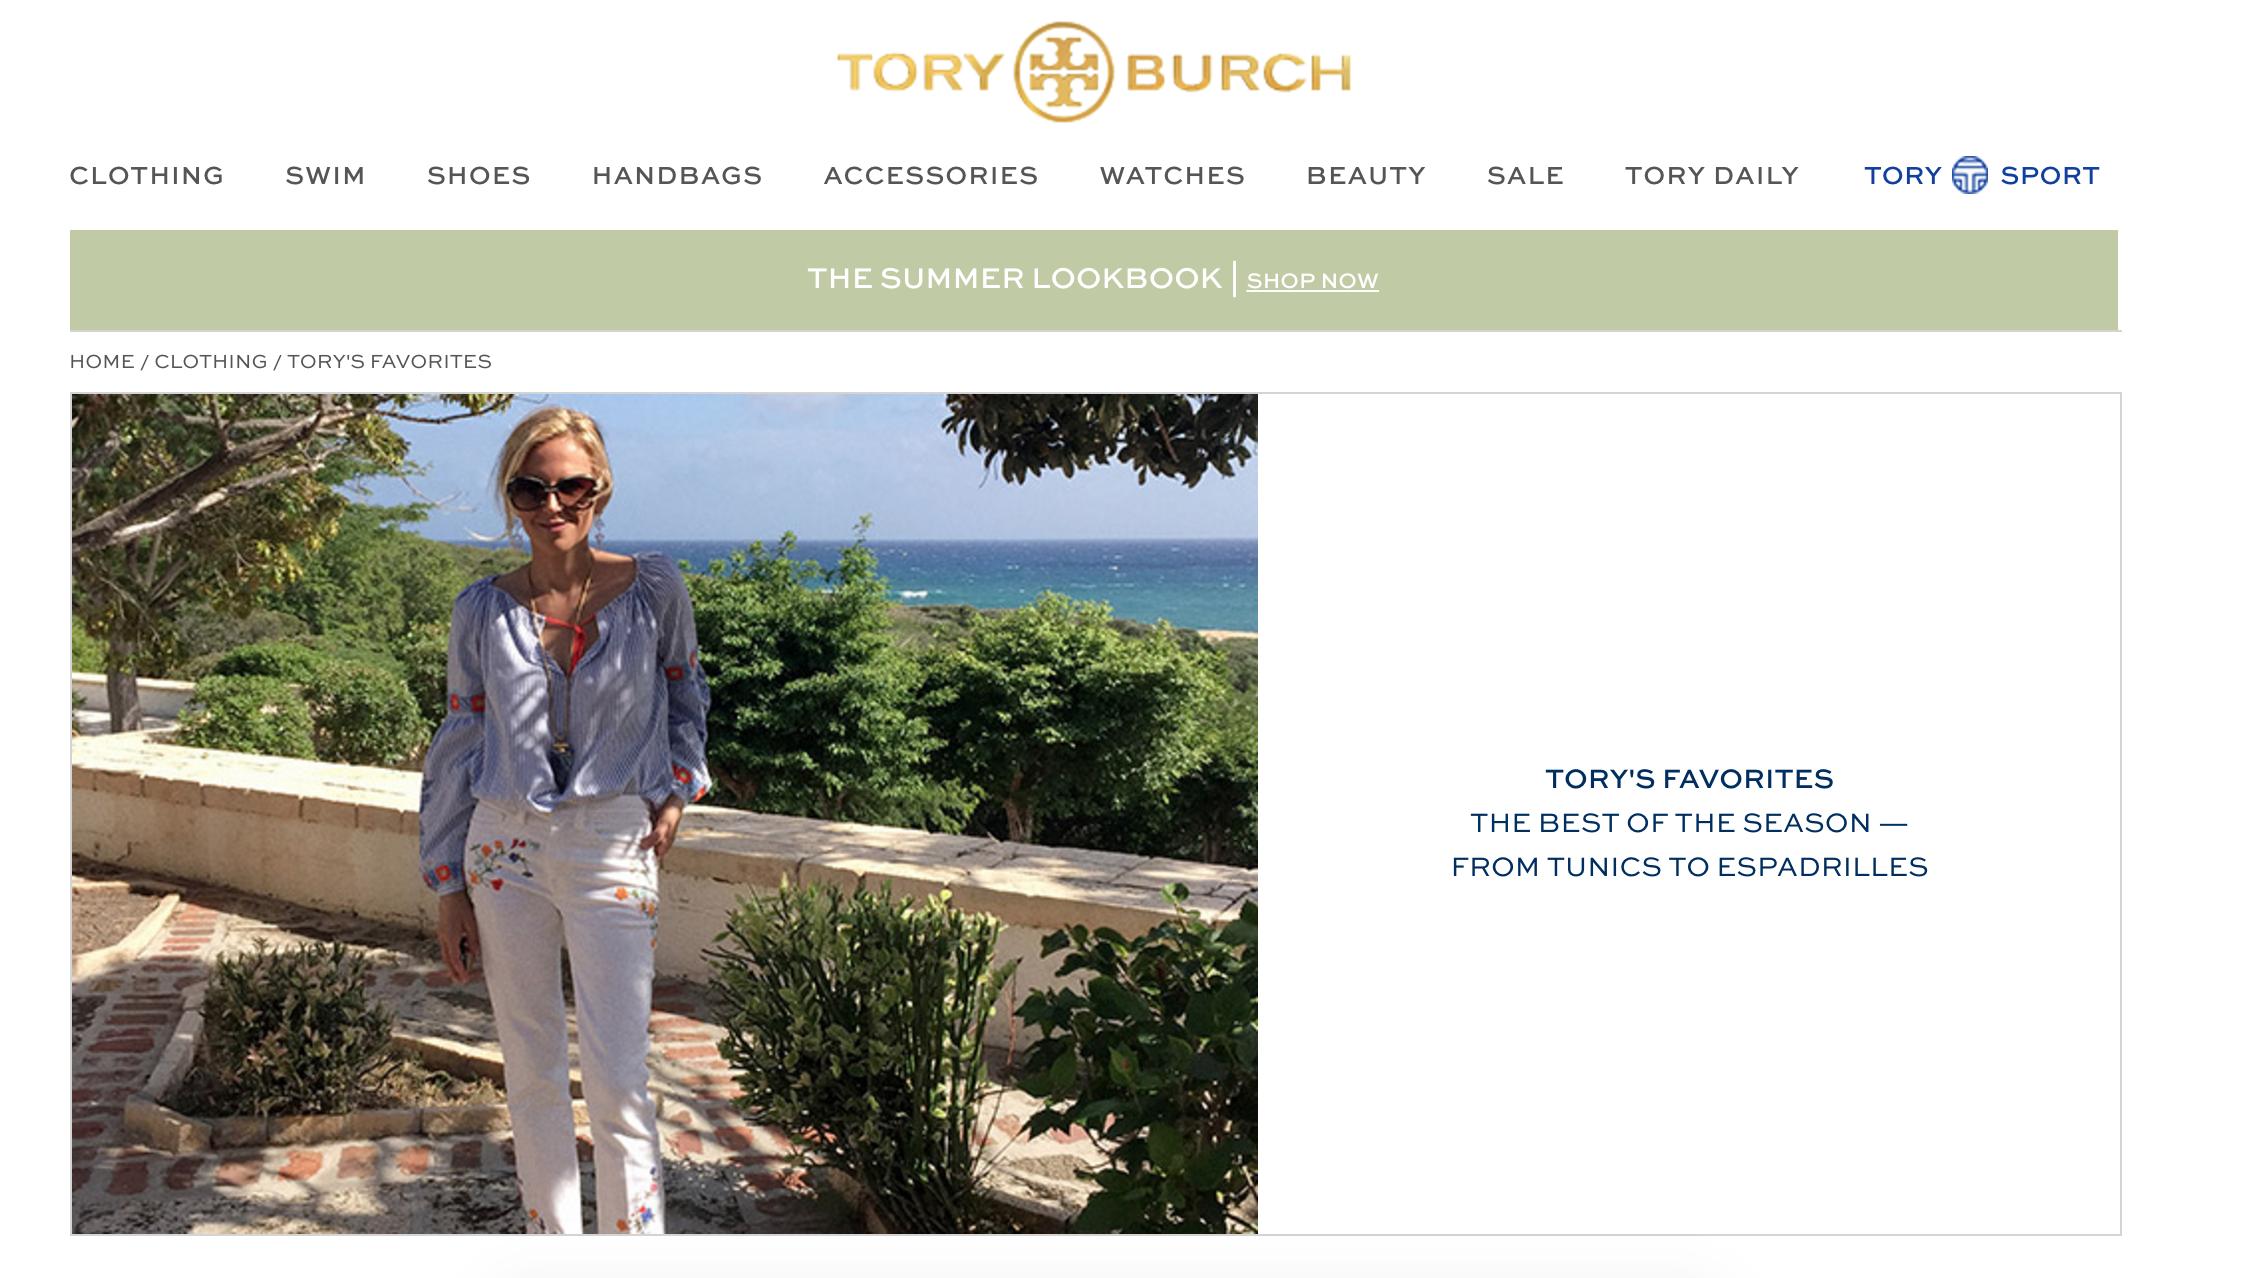 www.toryburch.com